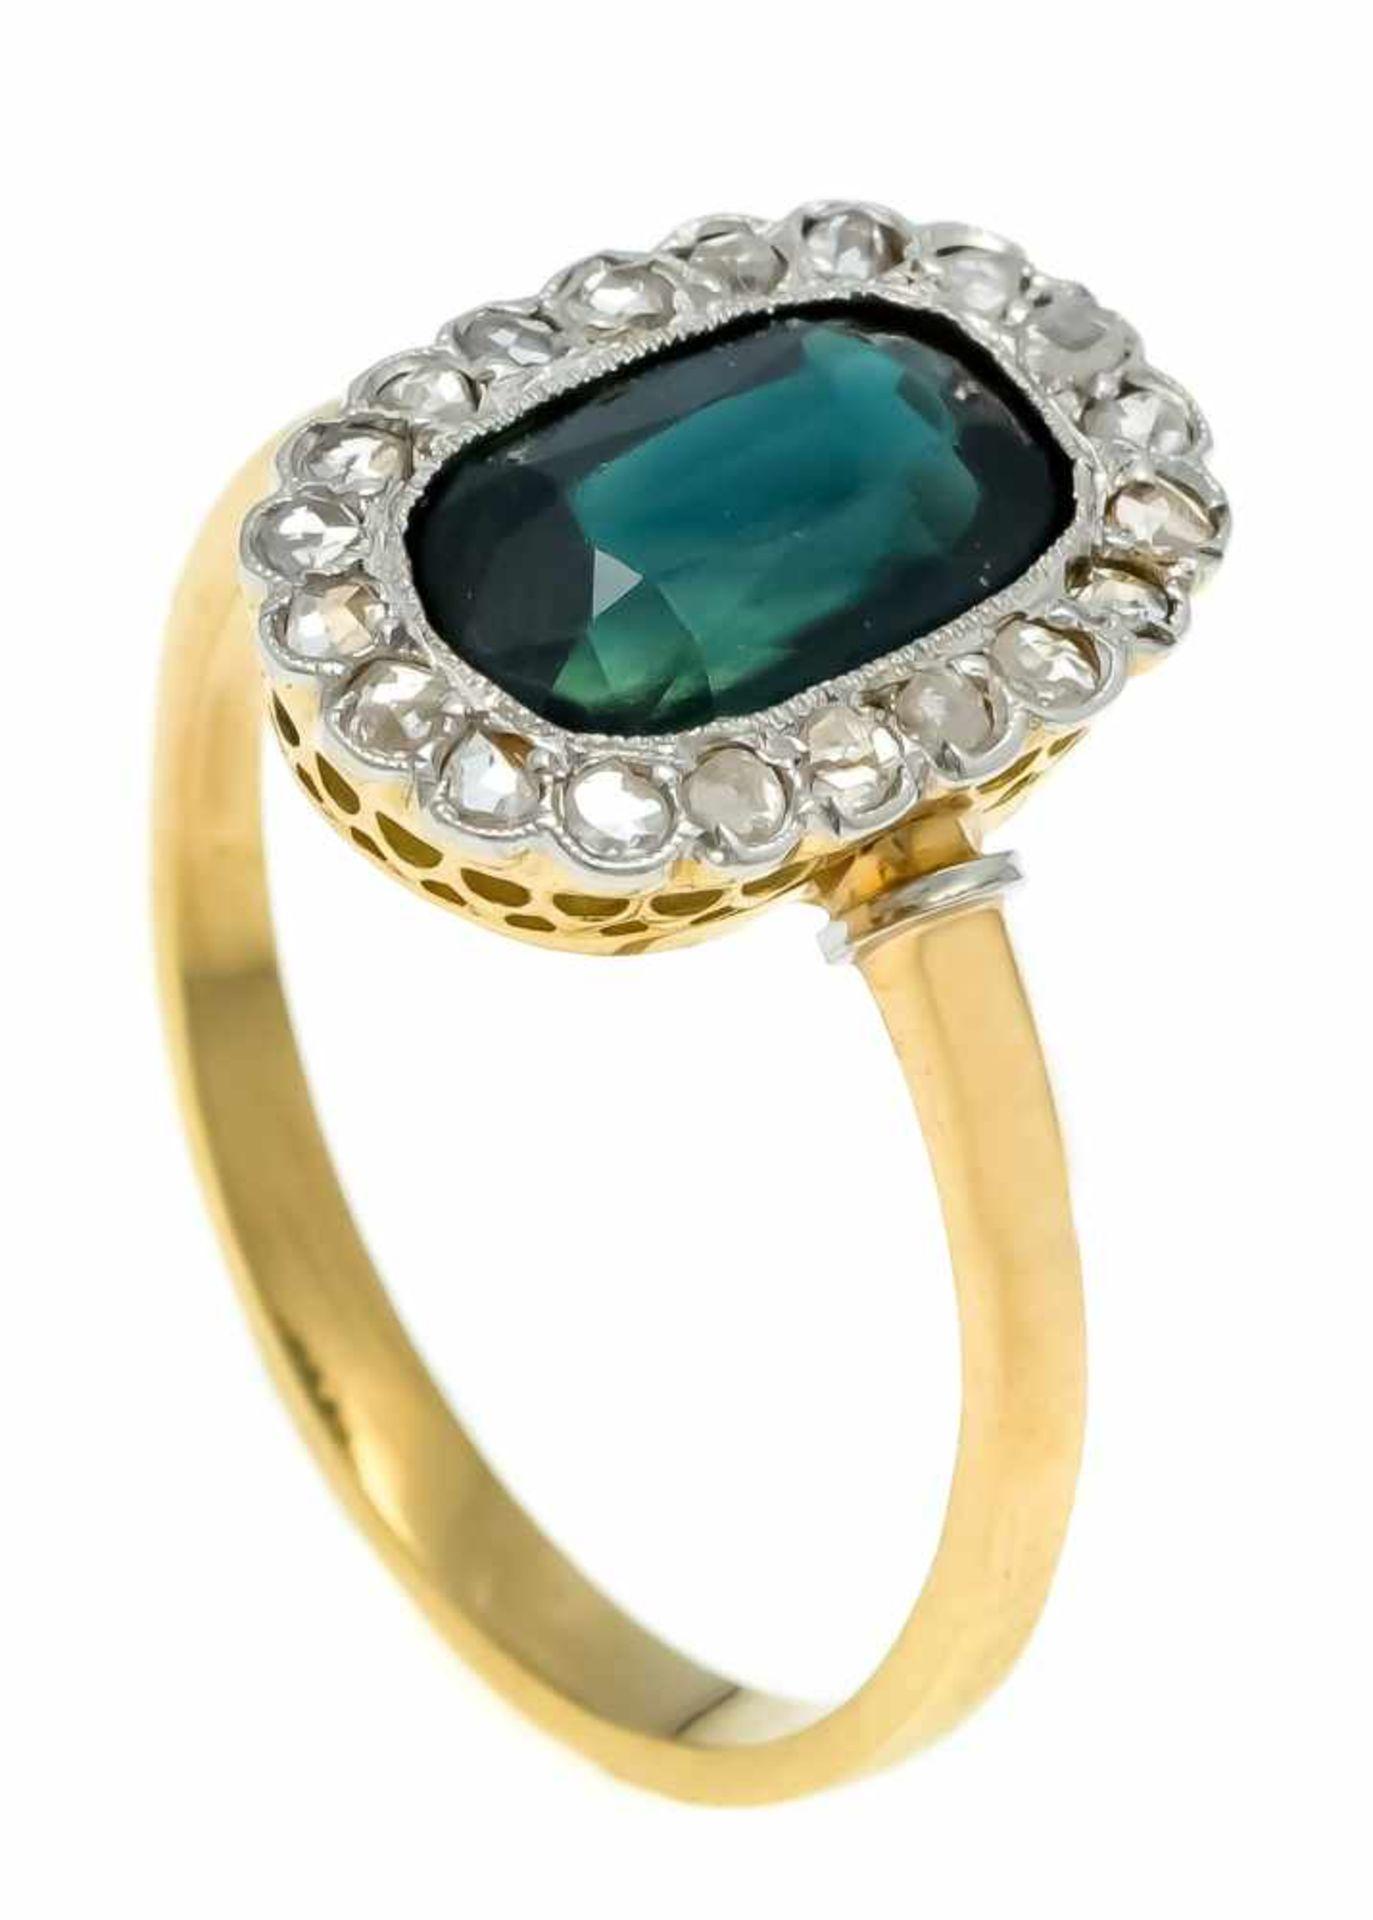 Saphir-Diamantrosen-Ring GG/WG 750/000 ungest., gepr., mit einem oval fac. Saphir 10 x 6 mm in einem